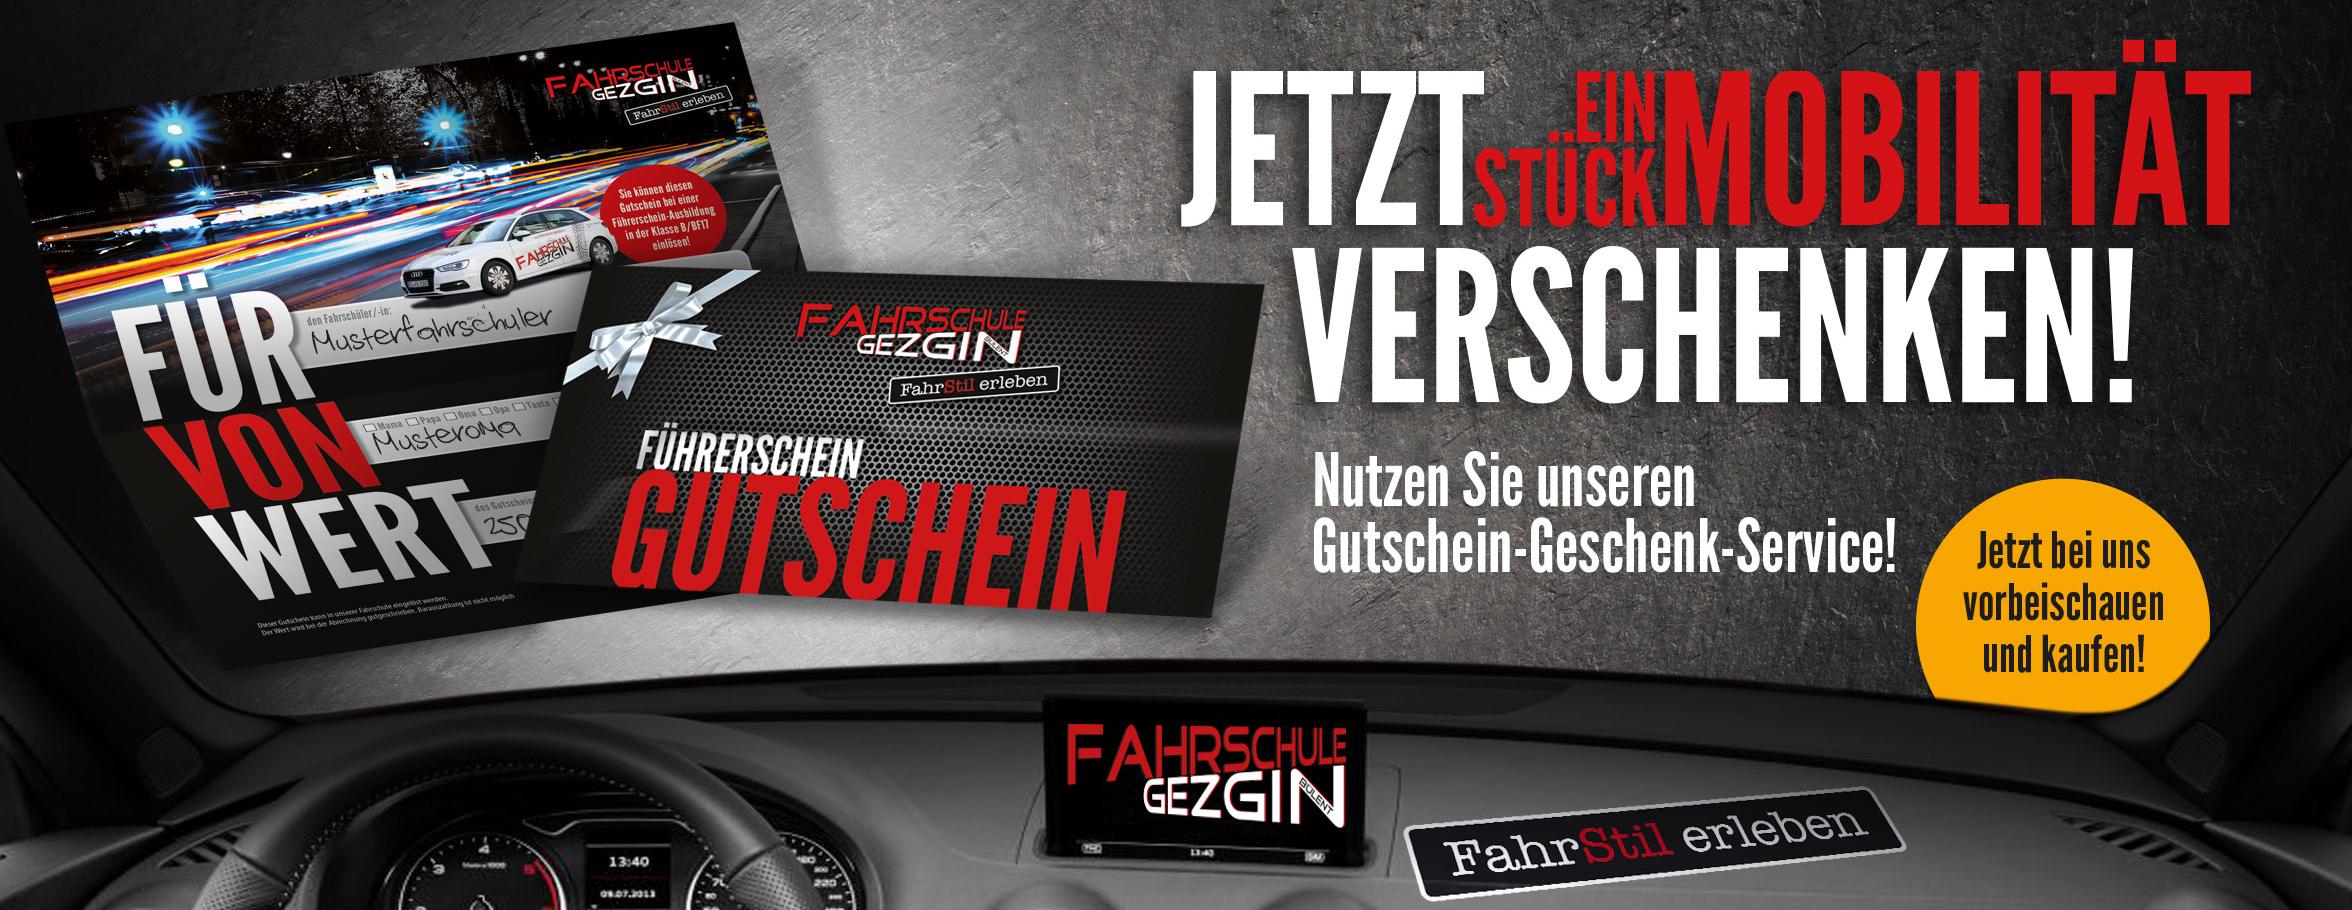 cockpit_gezgin_gutscheine_slider2